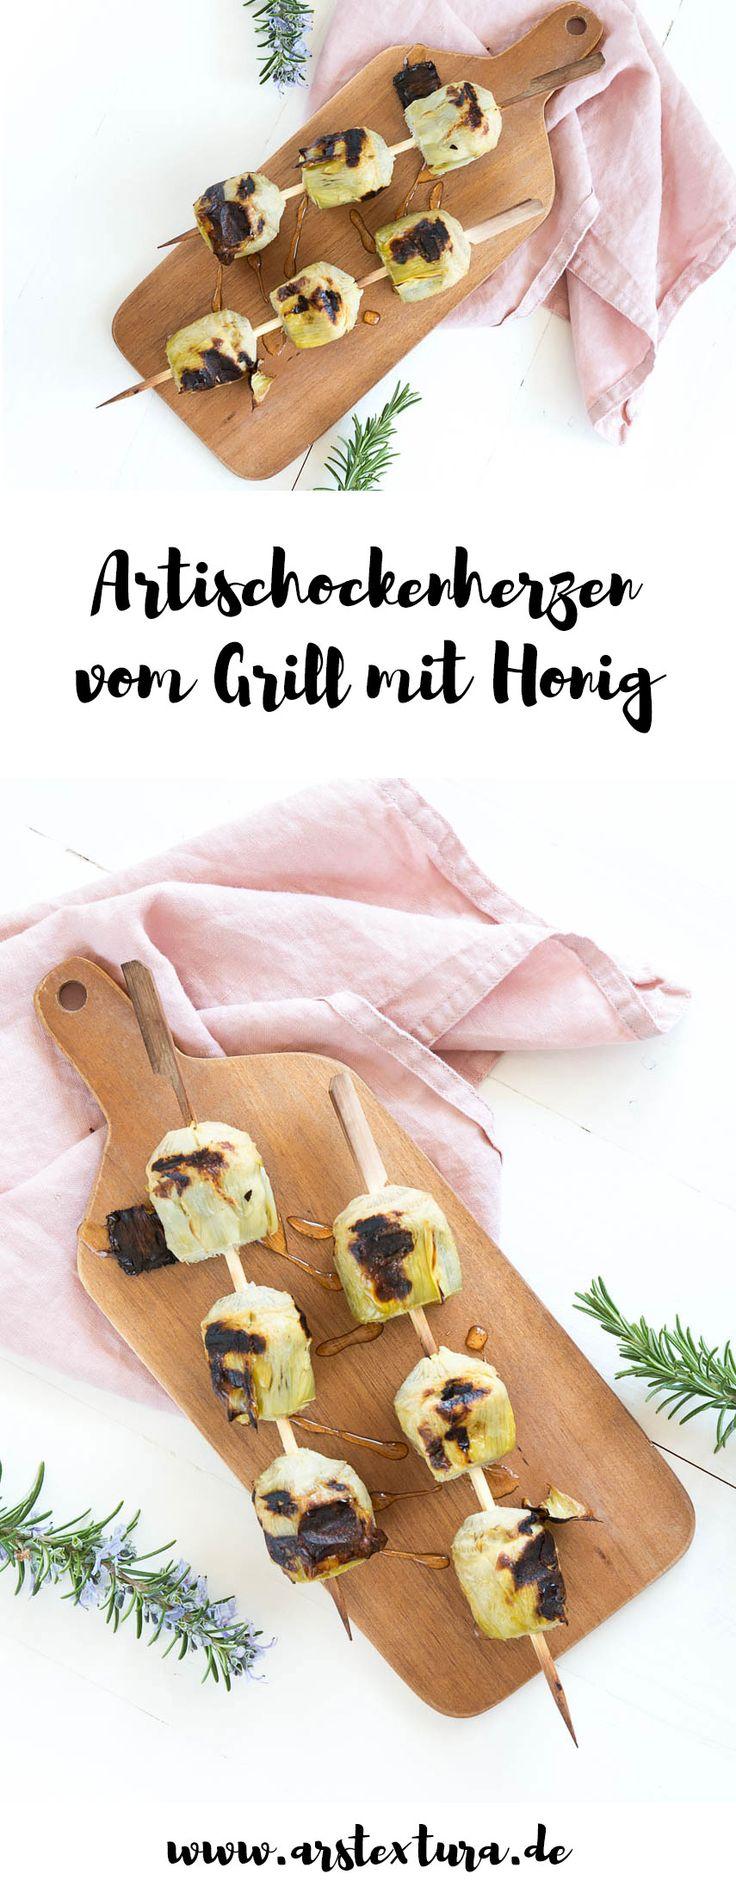 Artischocken Rezepte: Artischockenherzen vom Grill mit Honig - Die perfekte Grillparty